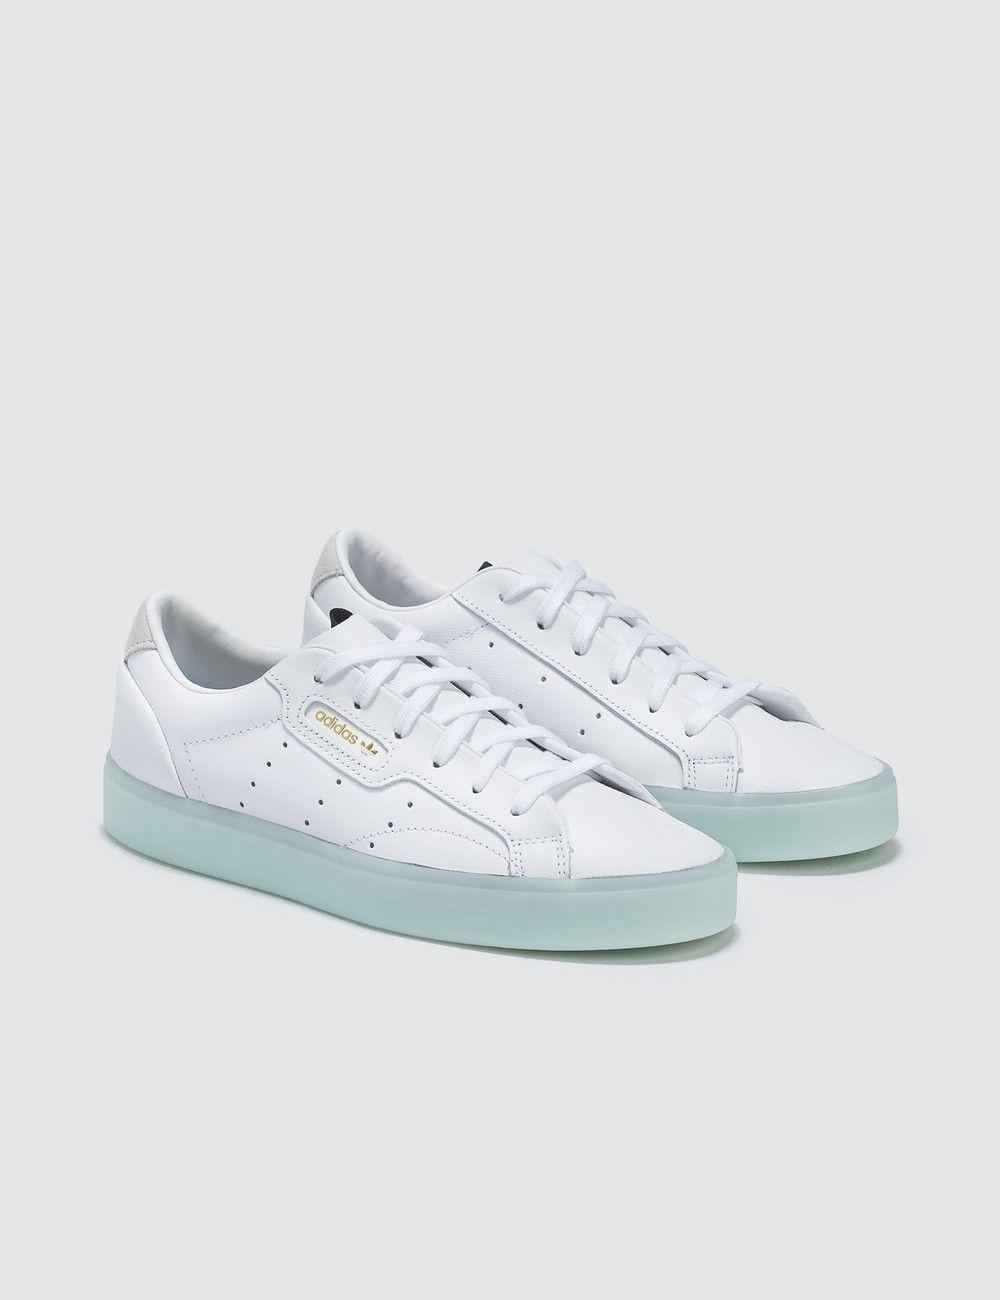 Adidas Sleek W In 2020 Adidas Adidas Originals Shoes